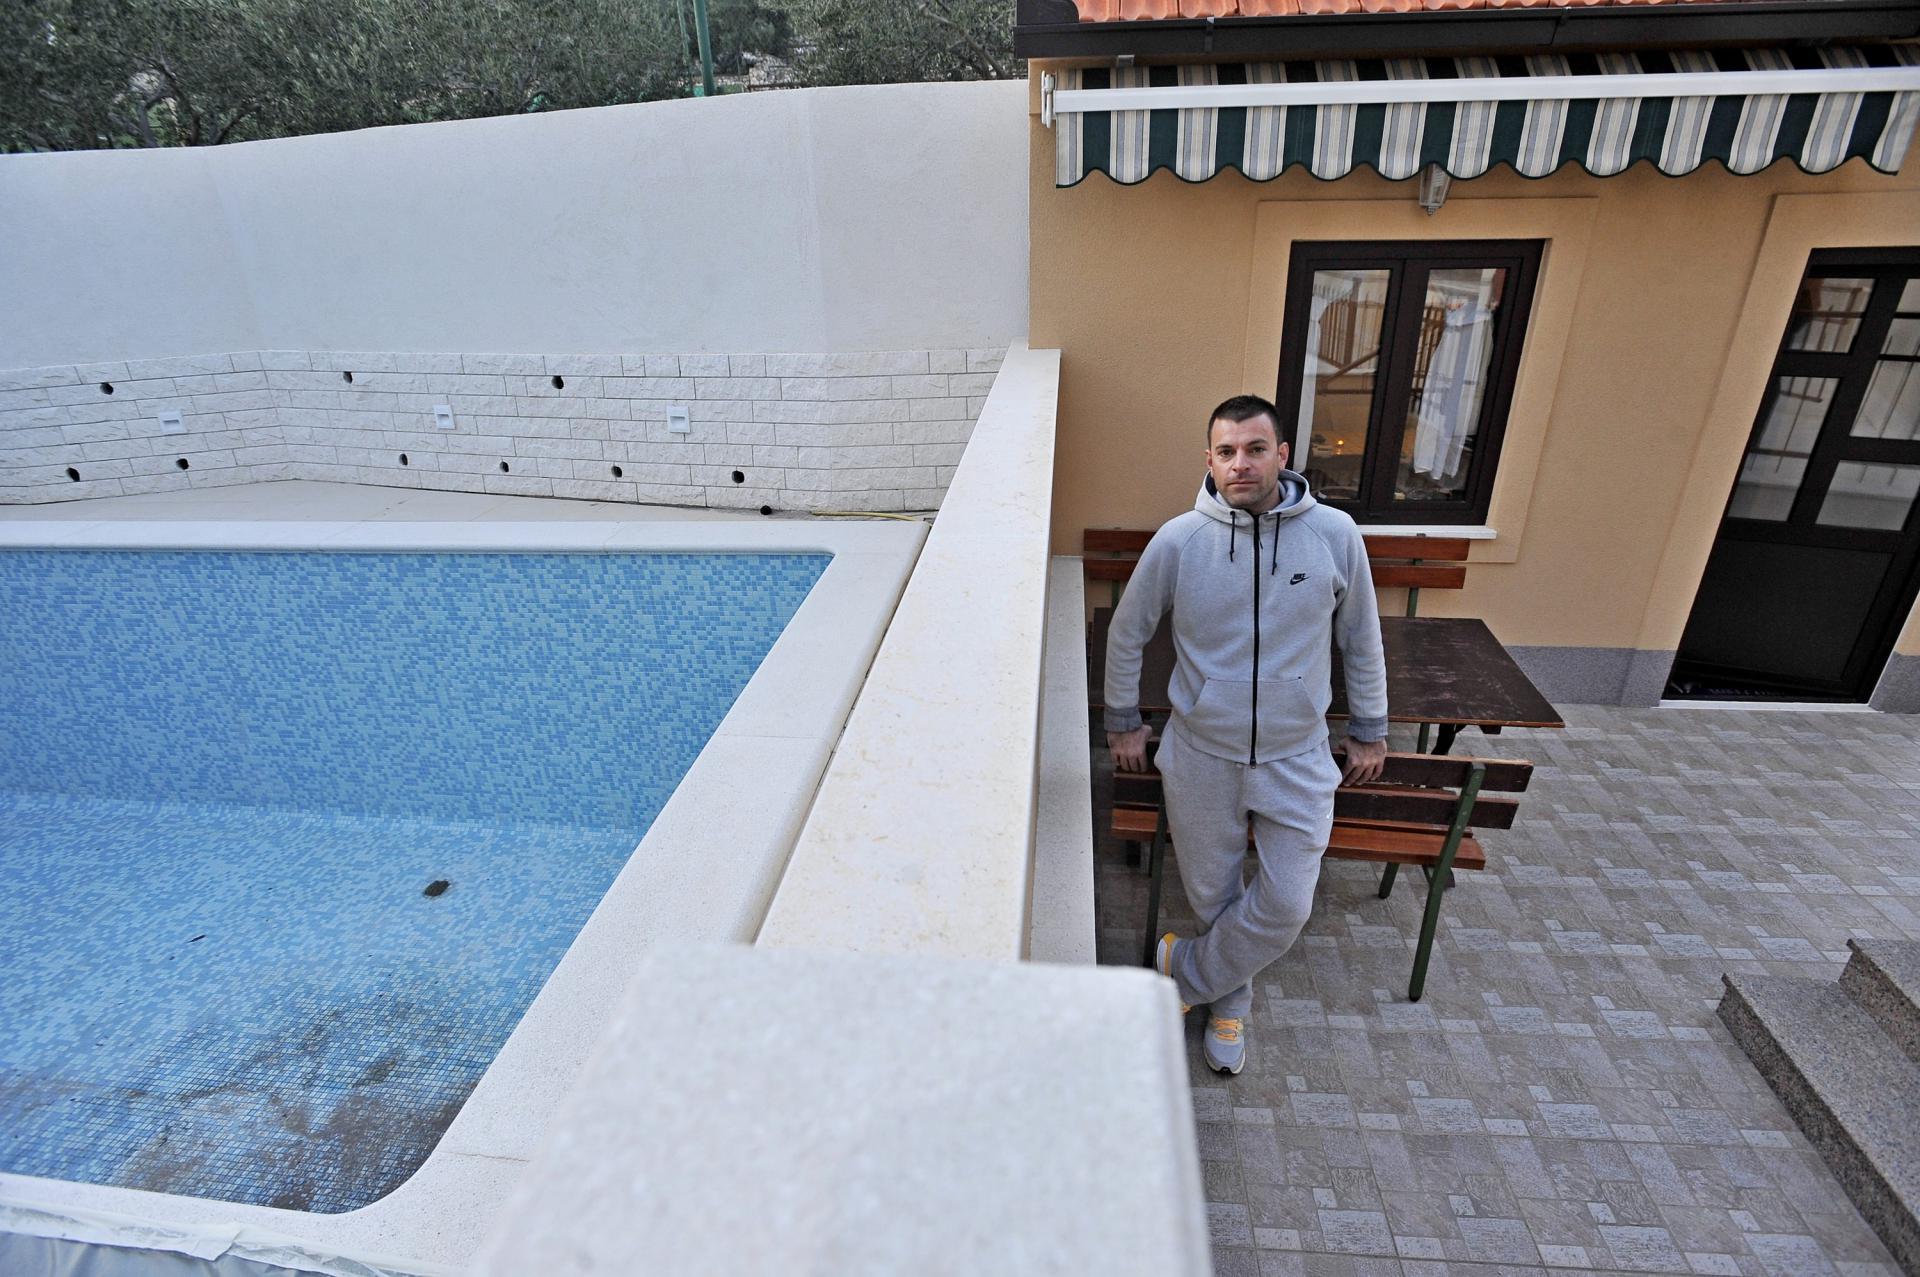 'Turisti u kupaćim kostimima samo što nam ne sjednu na stol', kaže Runjić o susjedovu pothvatu